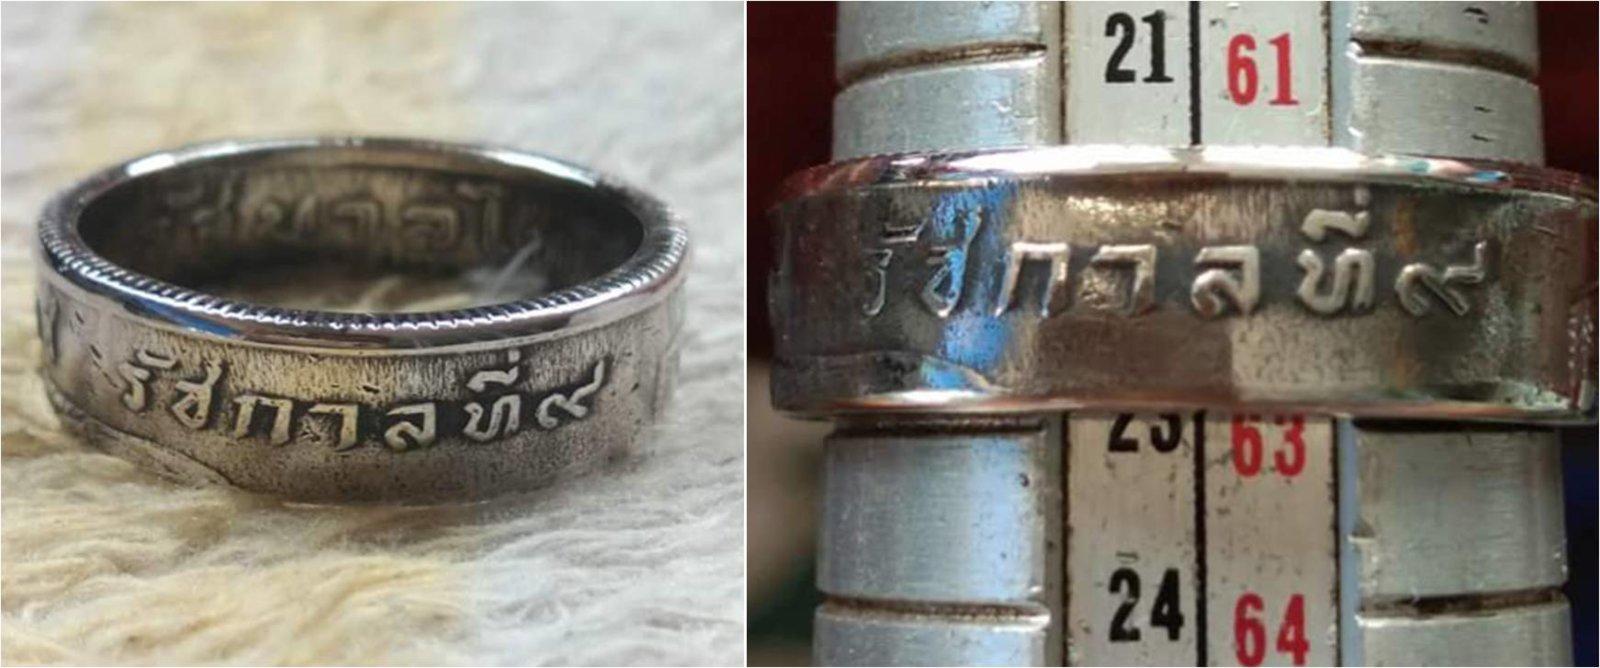 แหวน 17_63 A.jpg